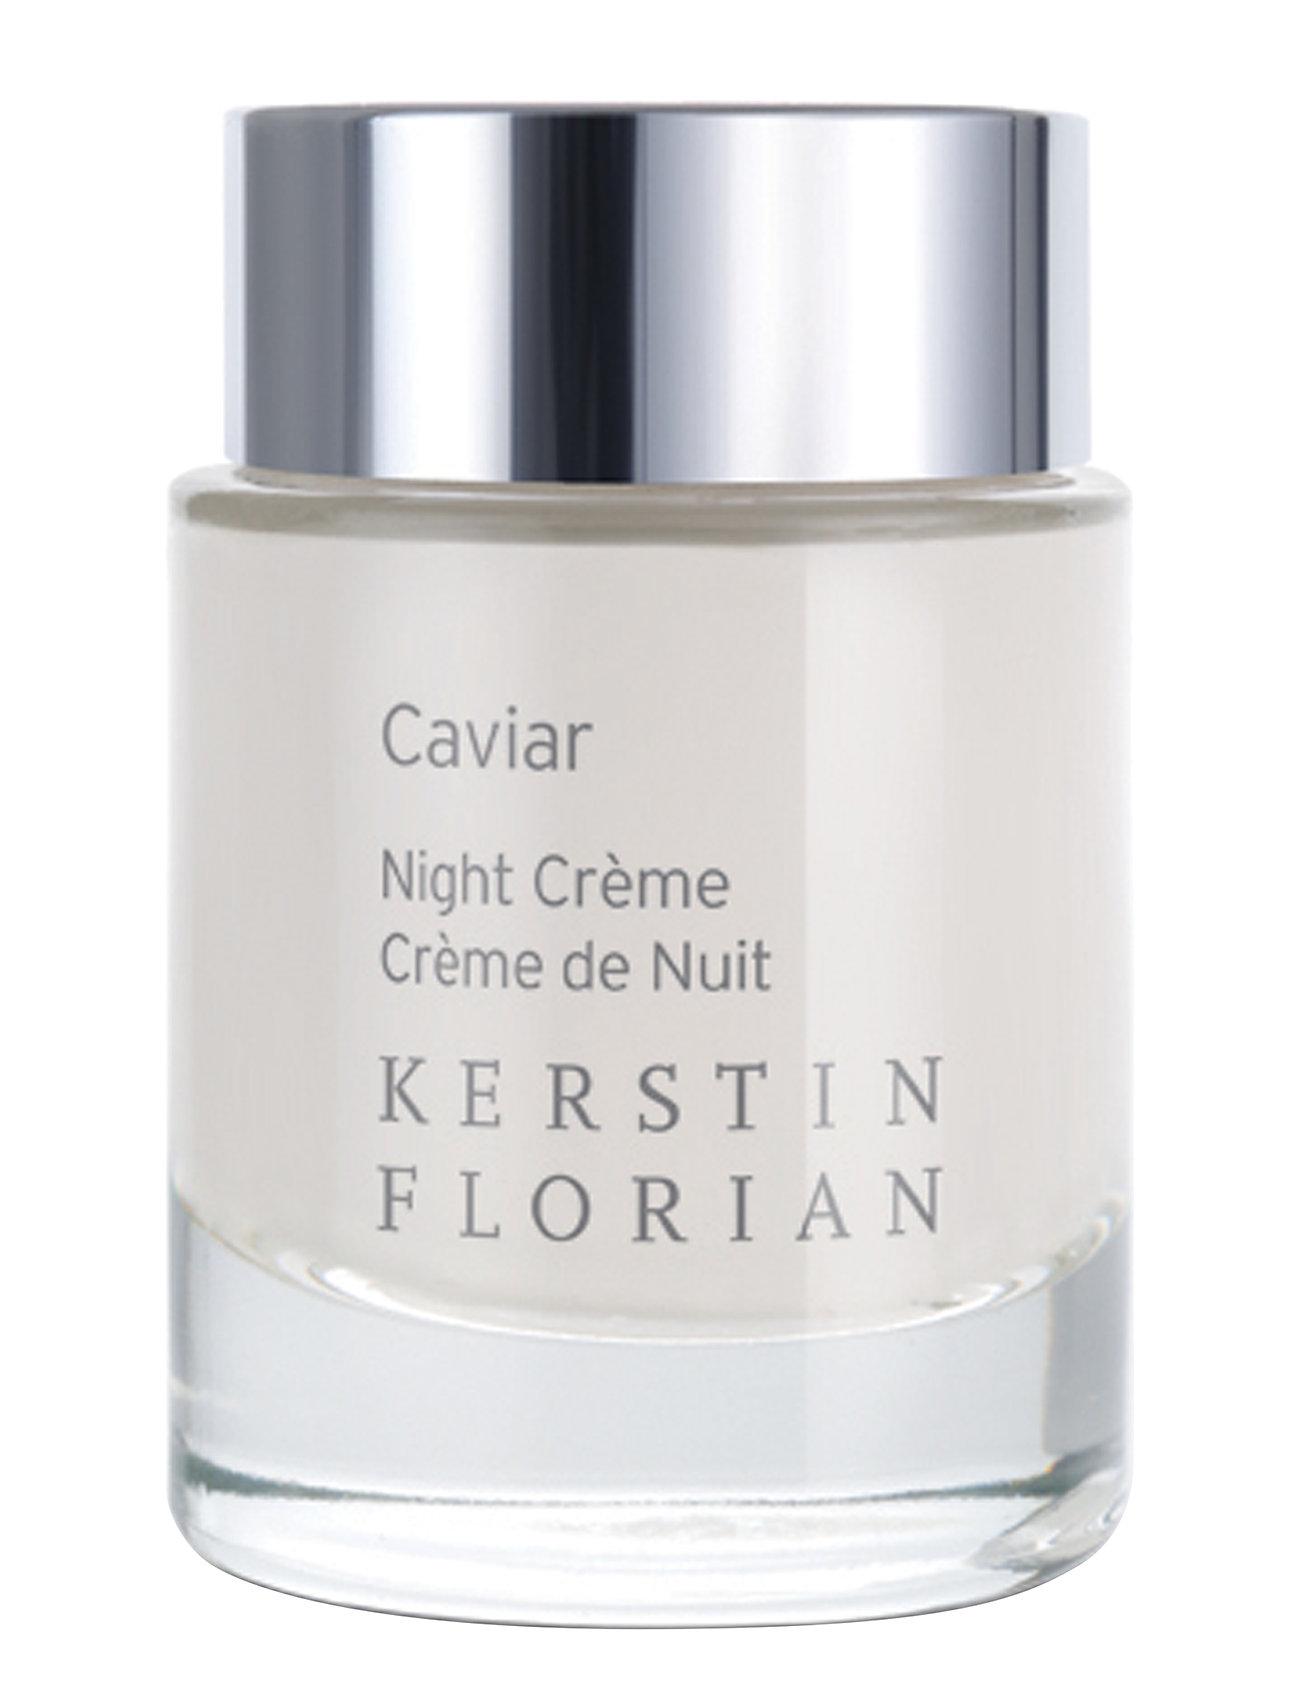 Image of Caviar Night CrèMe Beauty WOMEN Skin Care Face Moisturizers Night Cream Nude KERSTIN FLORIAN (3077236729)